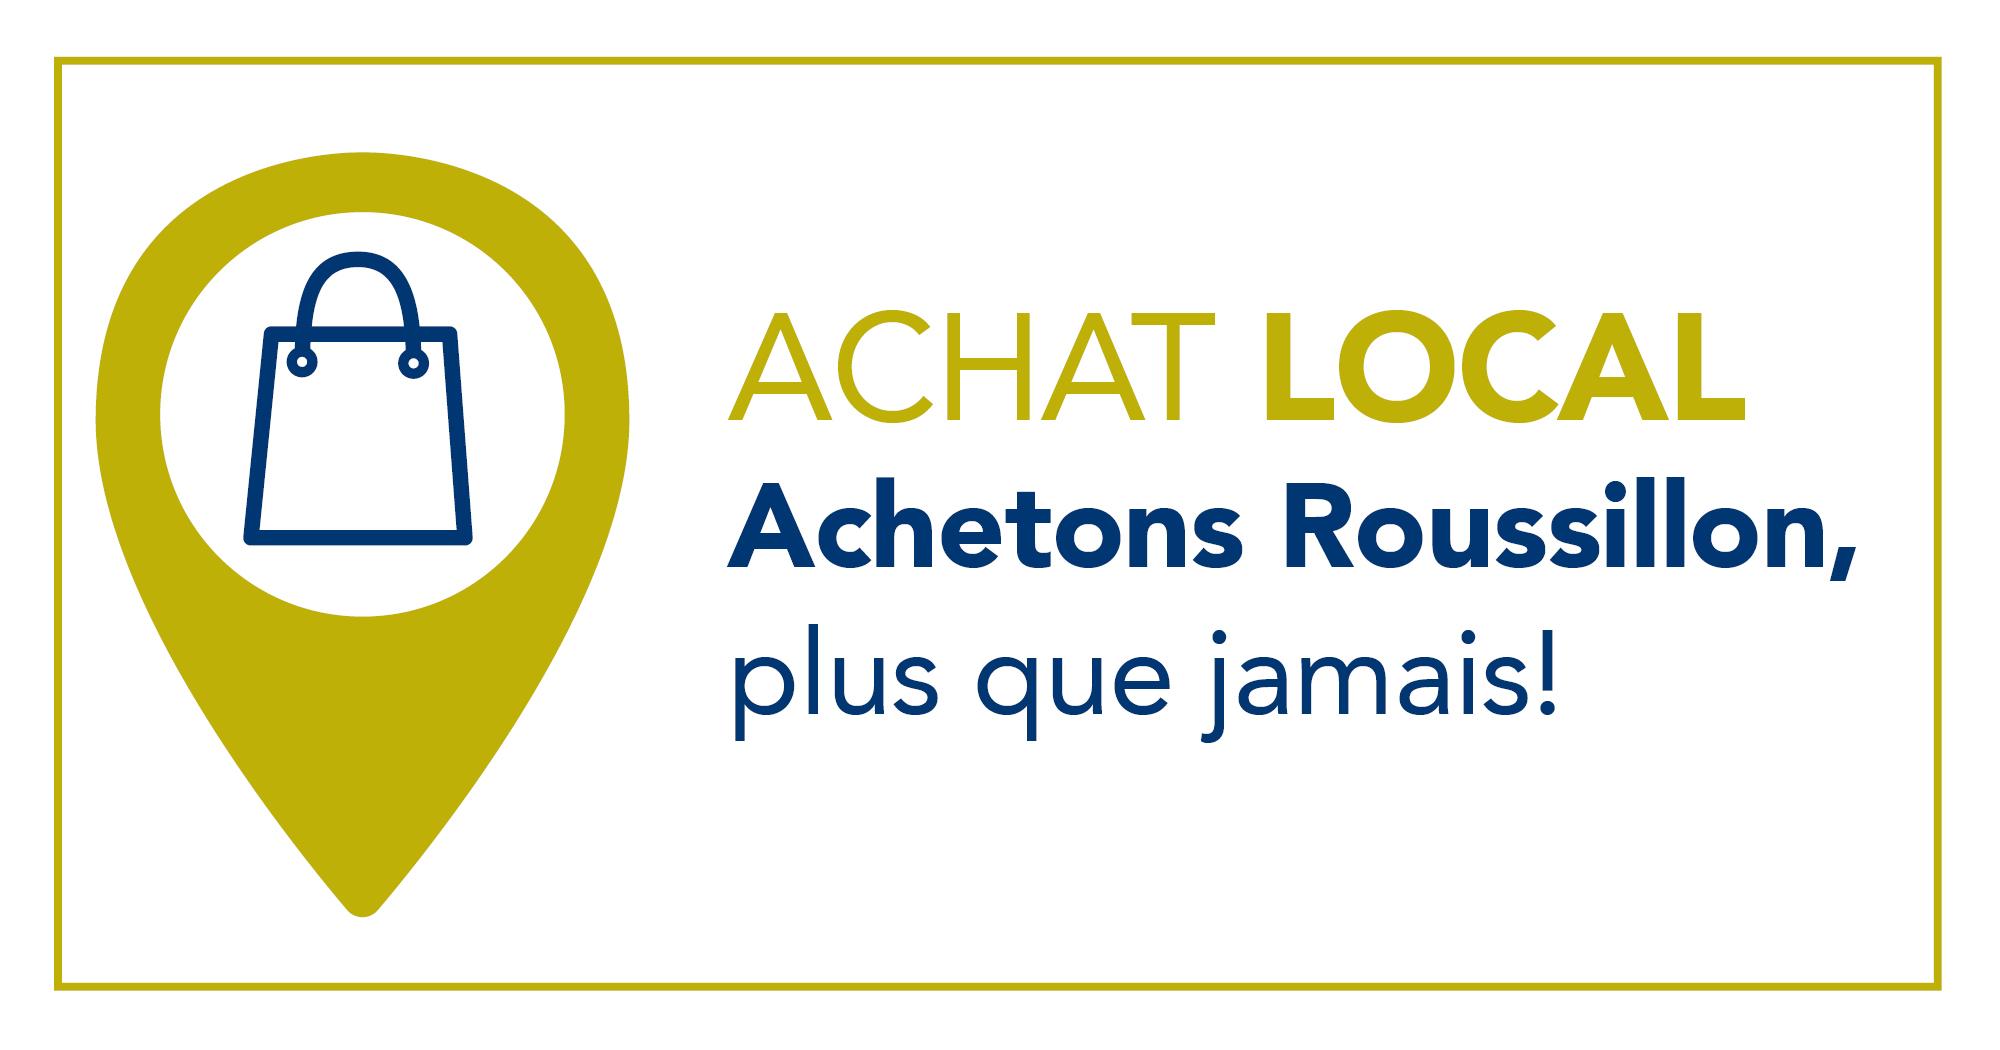 Logo de Achat local Achetons Roussillon